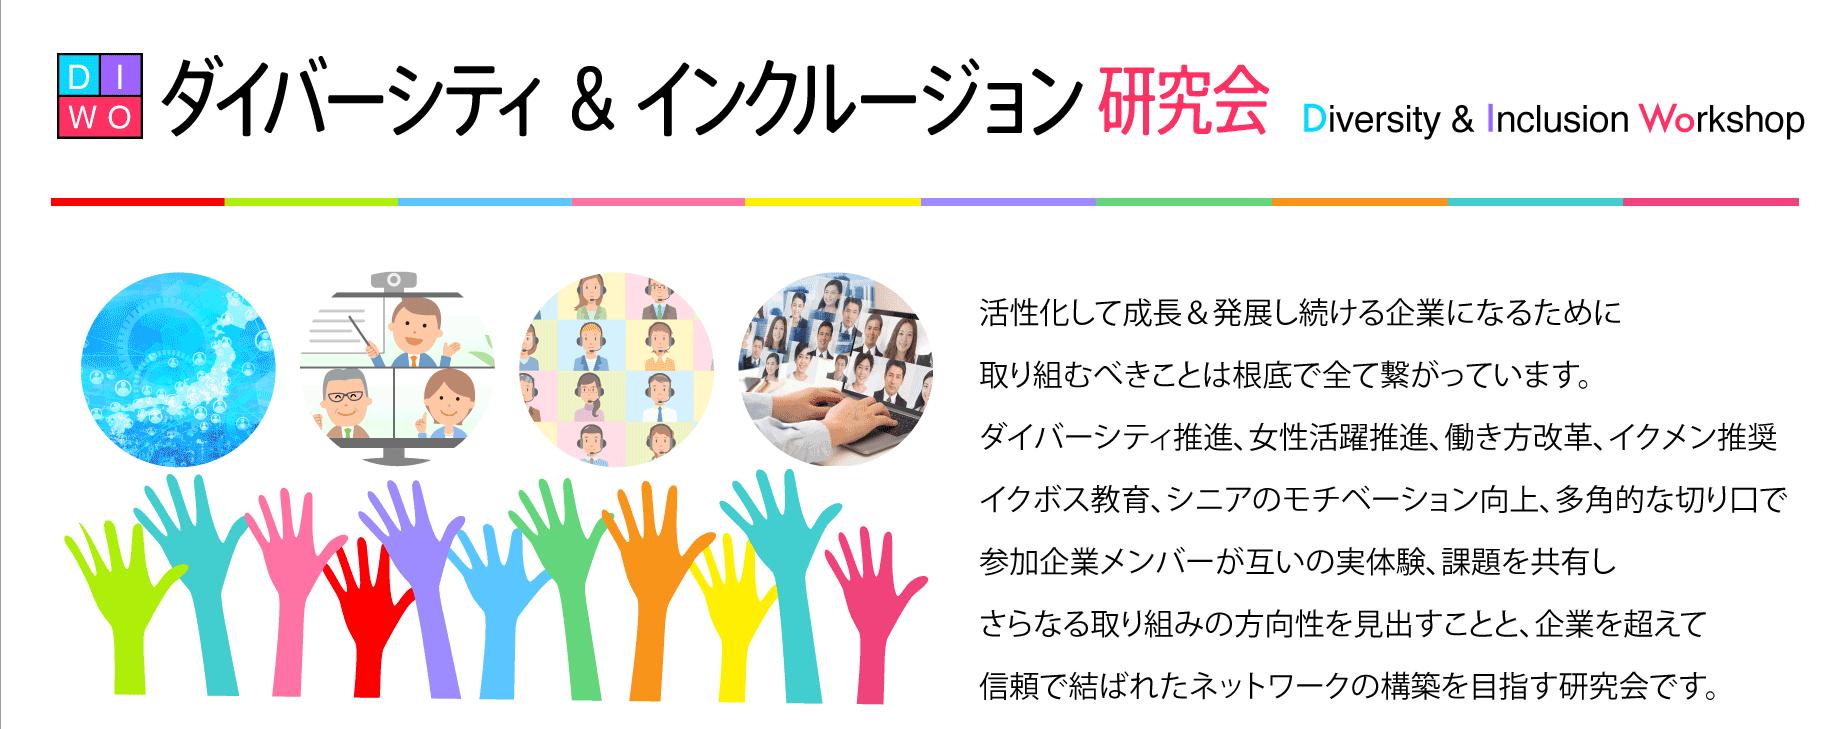 ダイバーシティ&インクルージョン研究会 イメージ画像